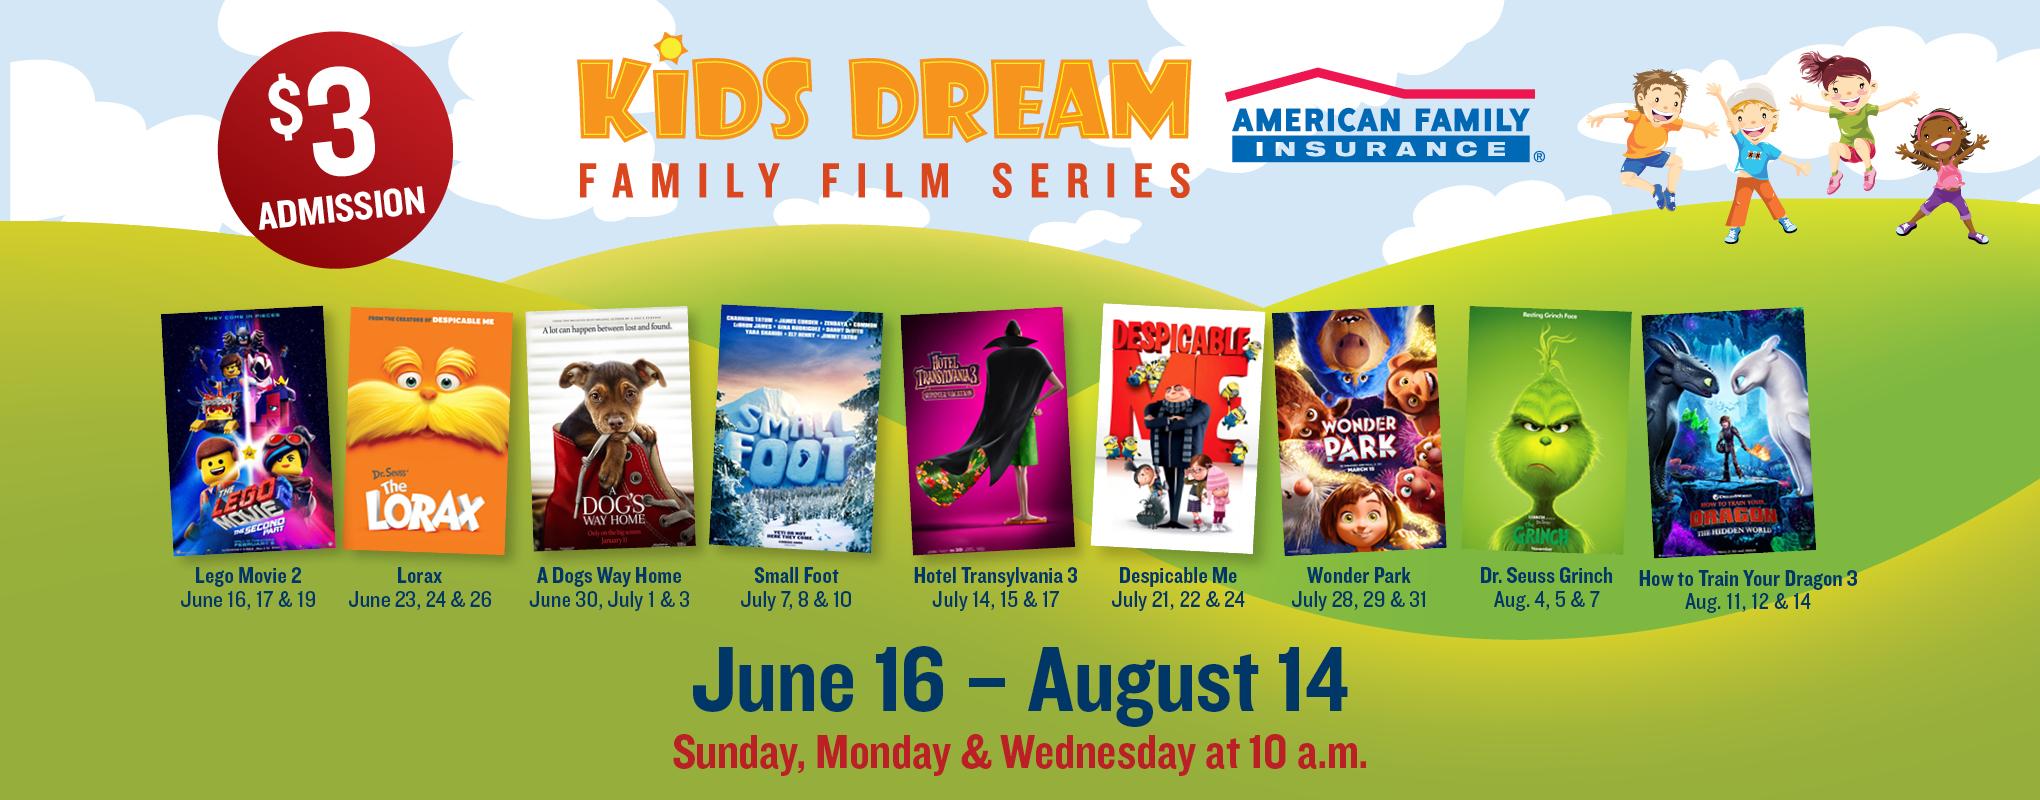 Kids Dream Summer Film Series - Marcus Theatres